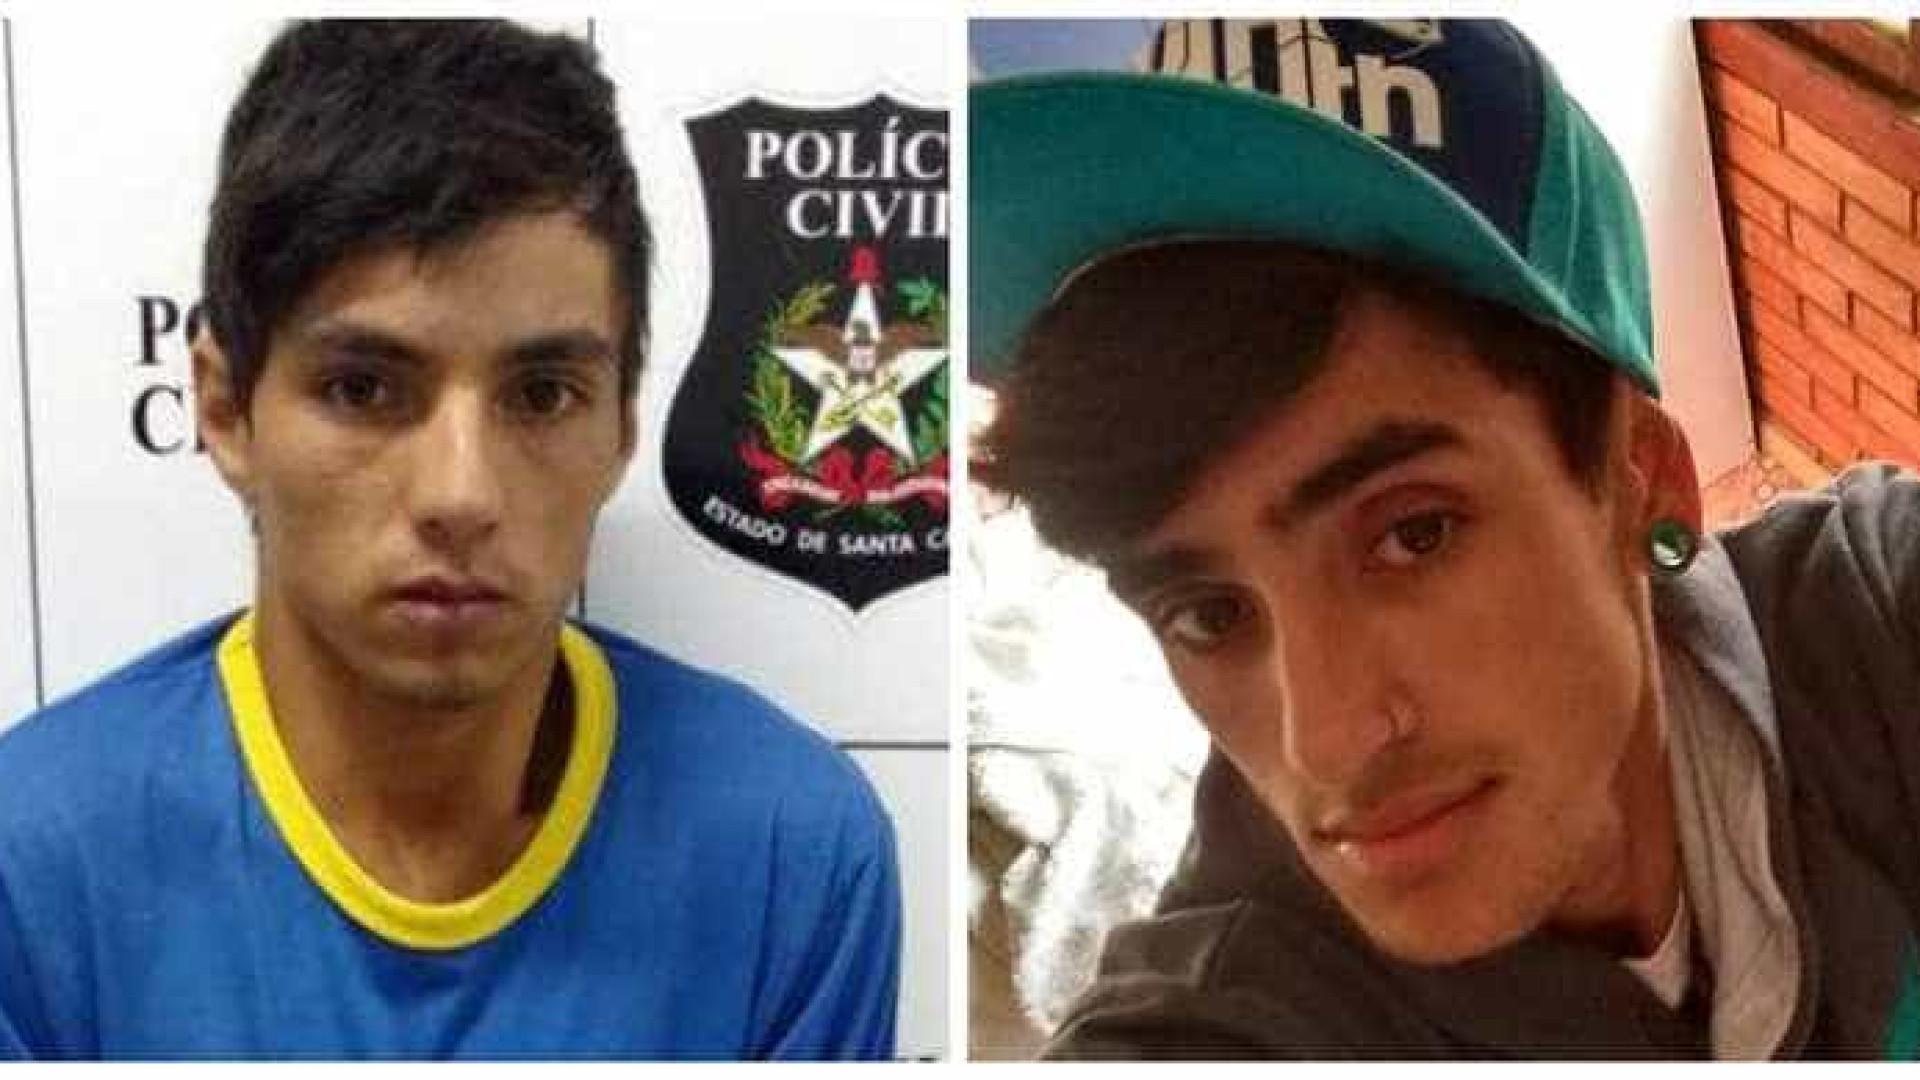 Jovem é preso por matar e esquartejar três pessoas em Santa Catarina